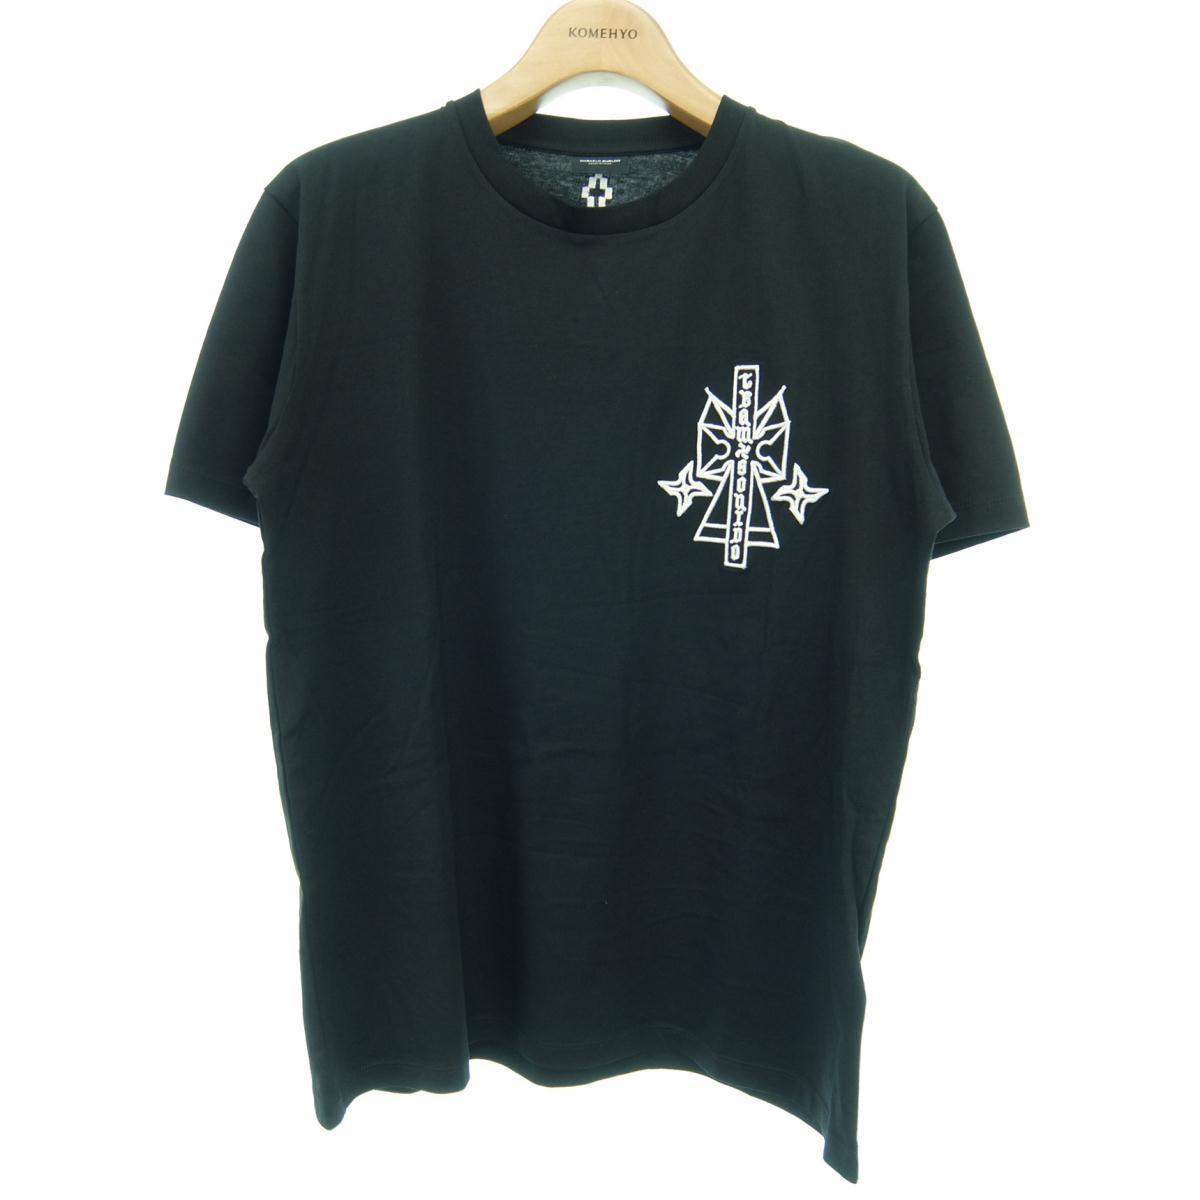 マルセロバーロン MARCELO BURLON Tシャツ【中古】